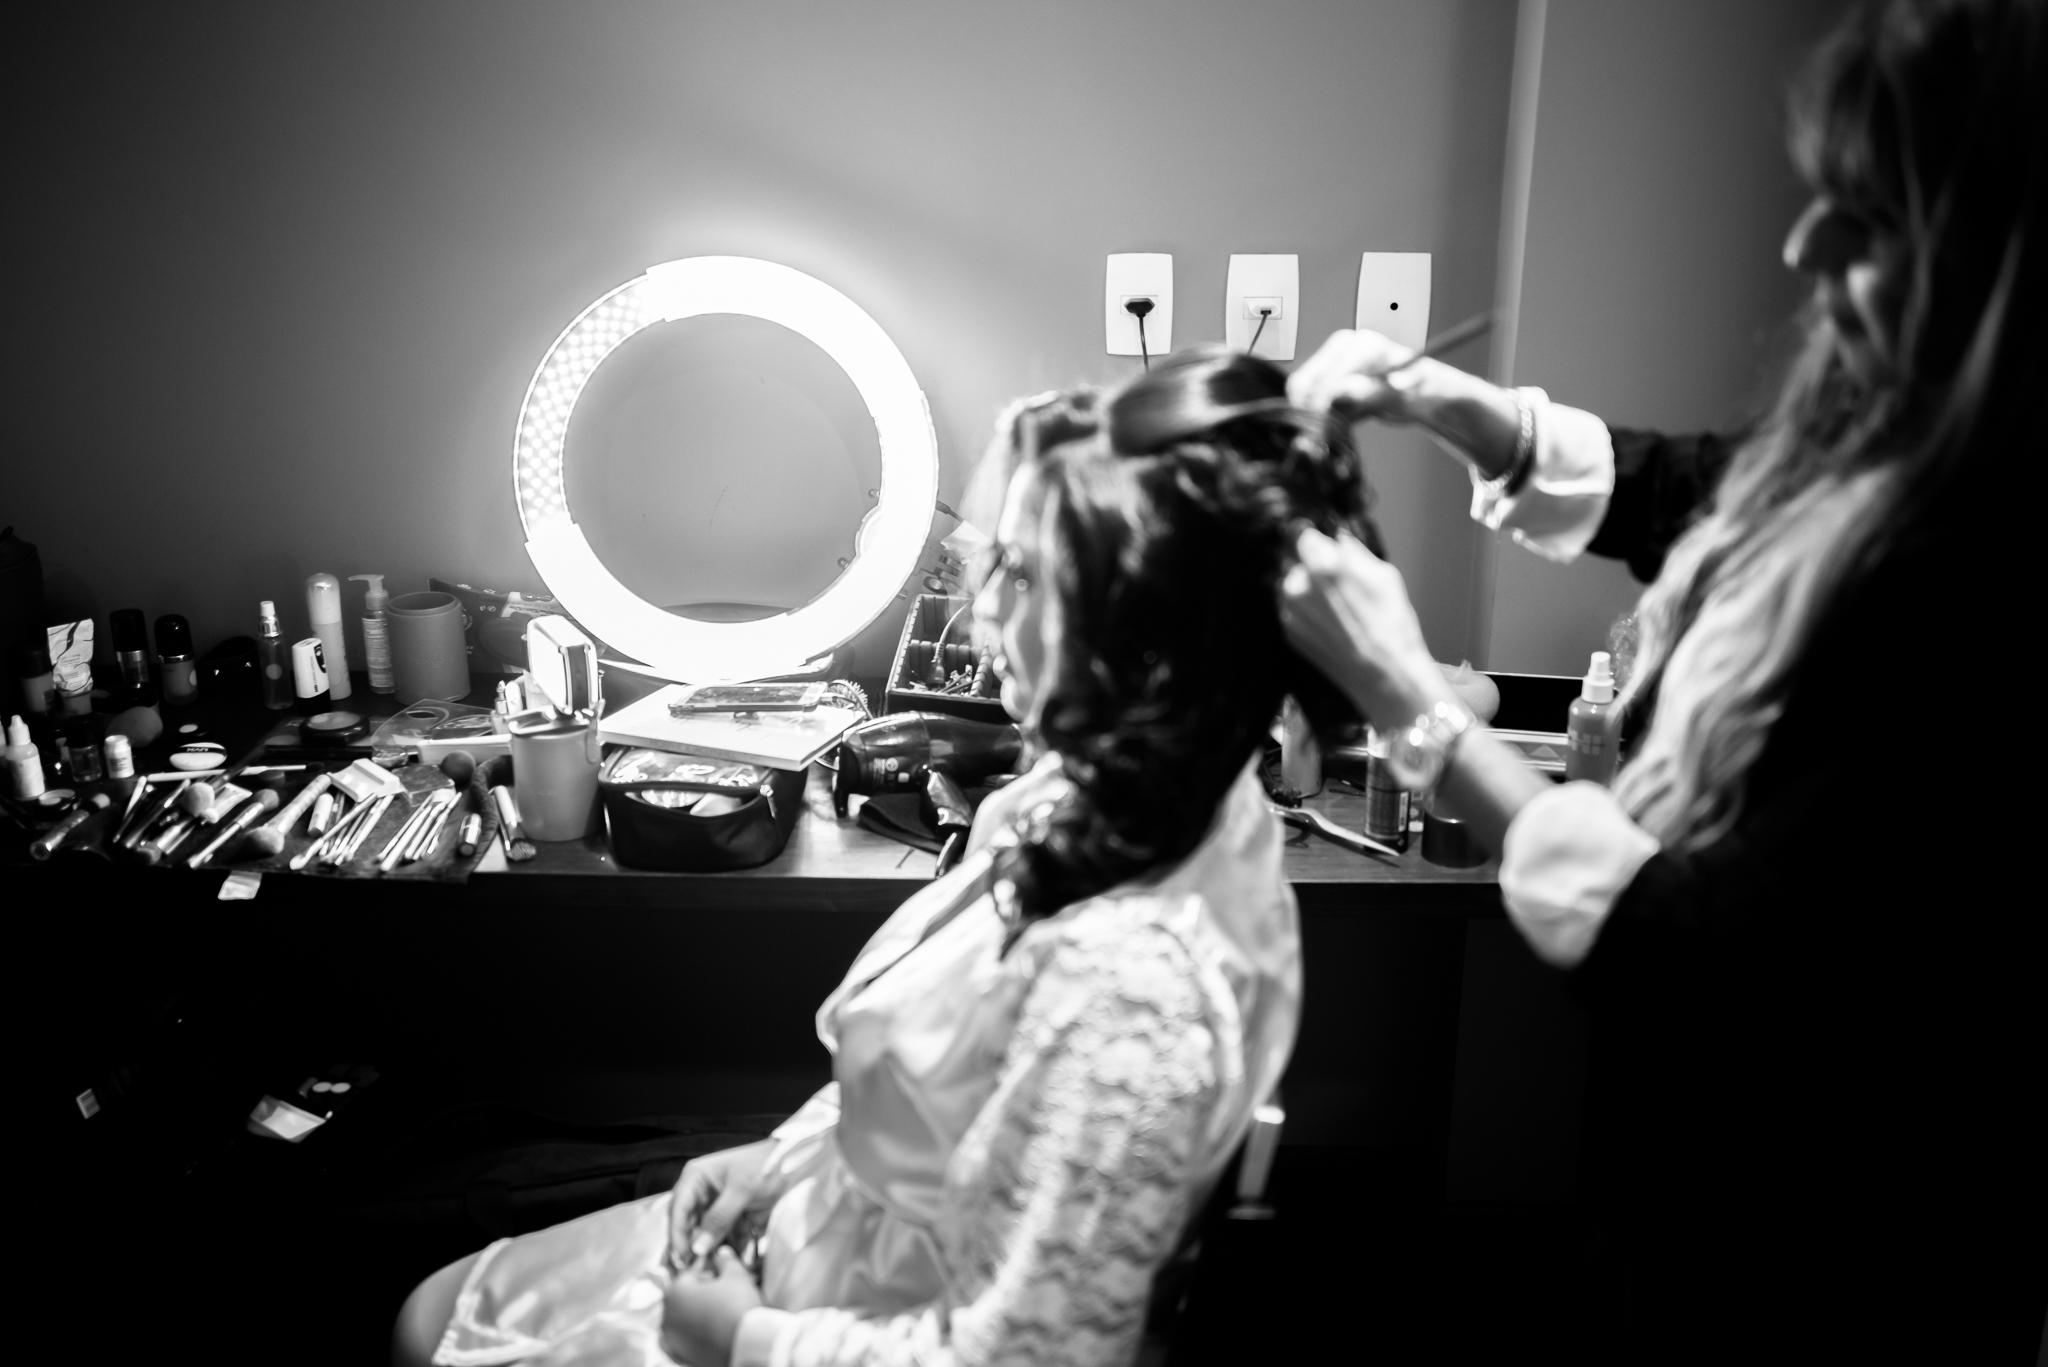 Contate Luis Leal | Fotógrafo Documental - Casamentos, Eventos e Família